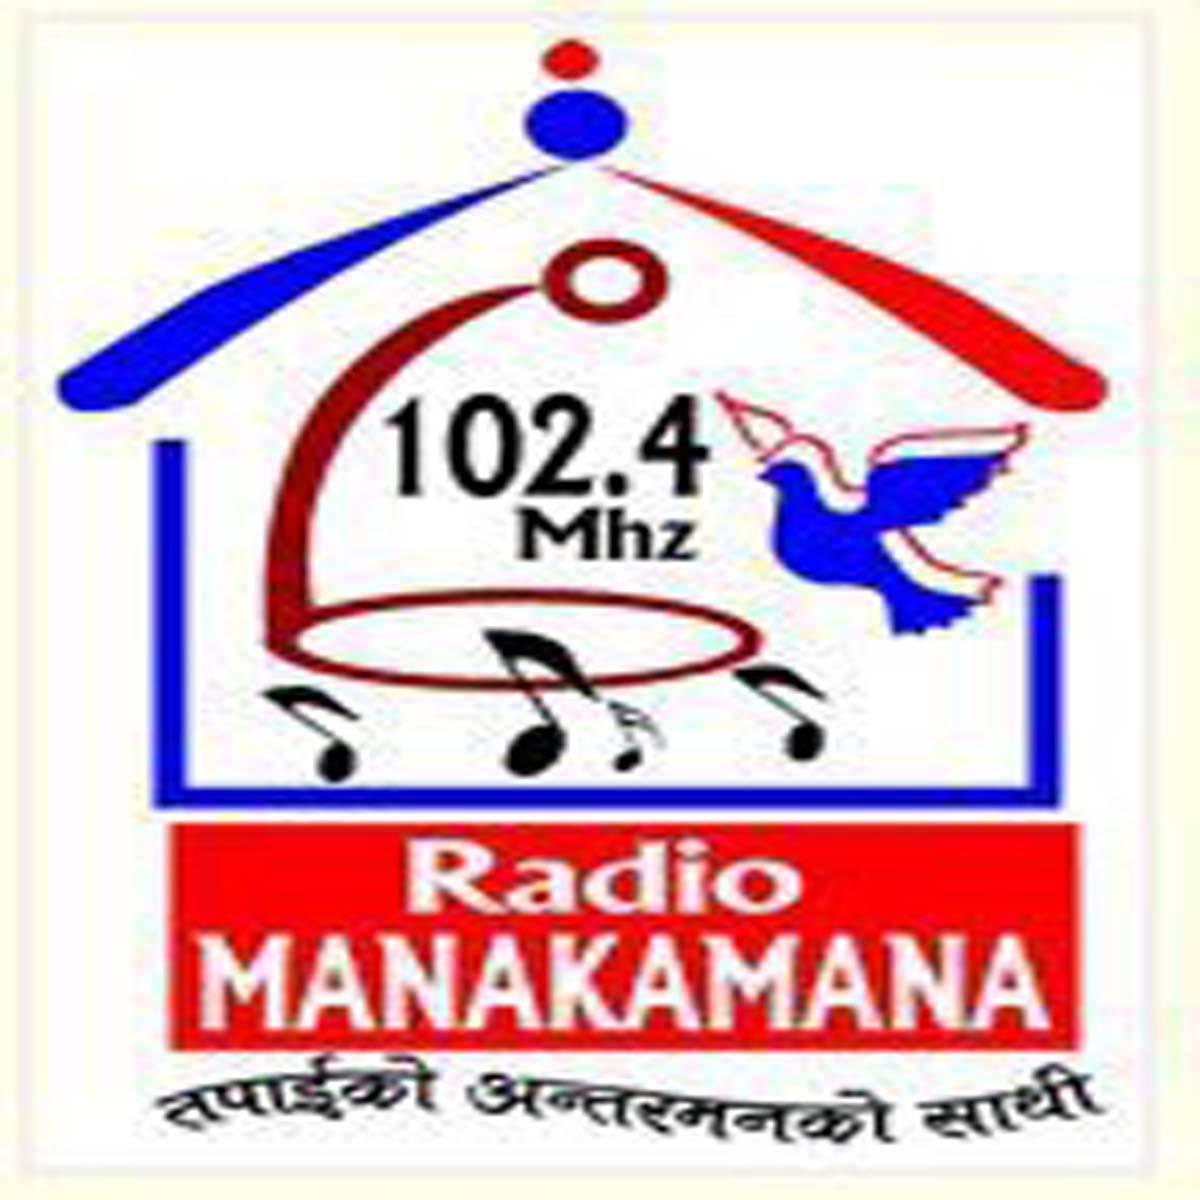 Radio Ichchhakamana FM